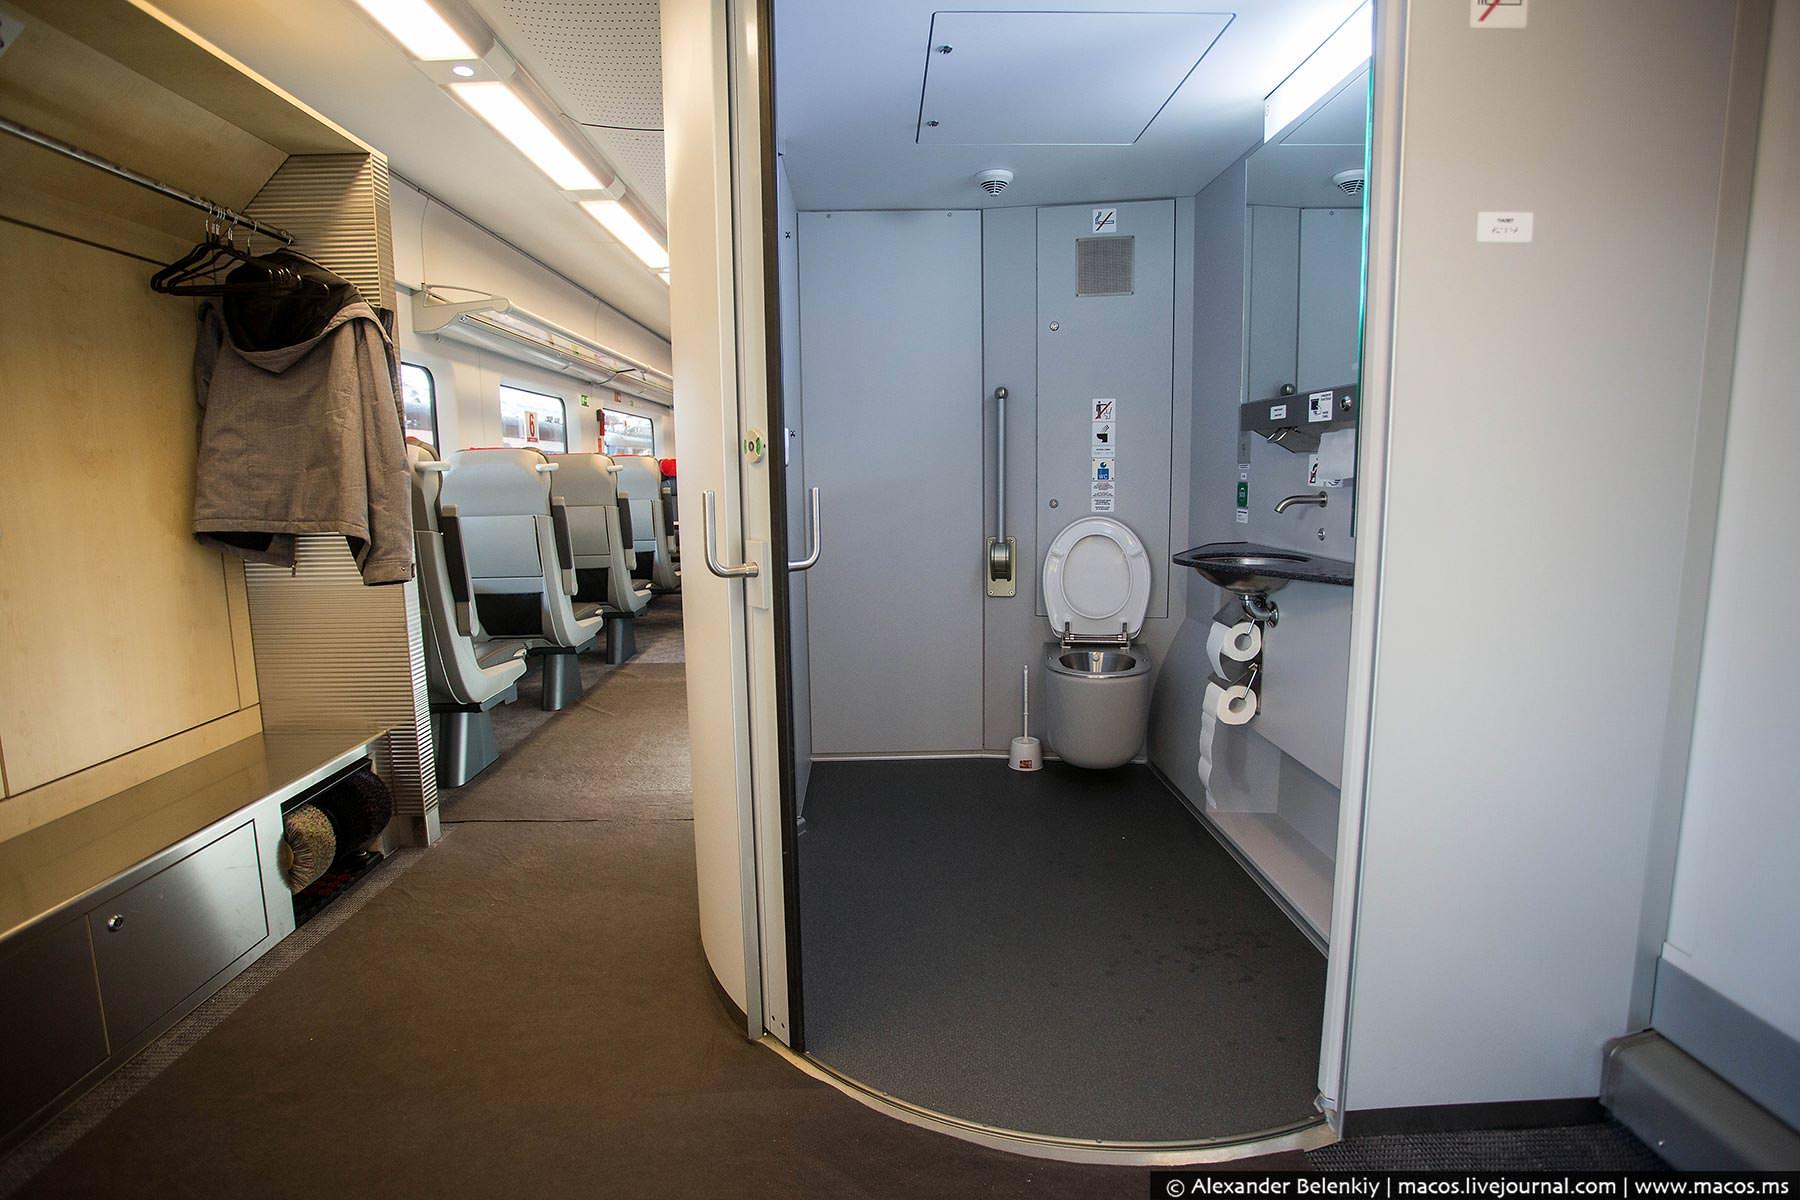 """В """"Укрзализныце"""" опровергли слухи о введении платных туалетов в поездах - Цензор.НЕТ 1771"""